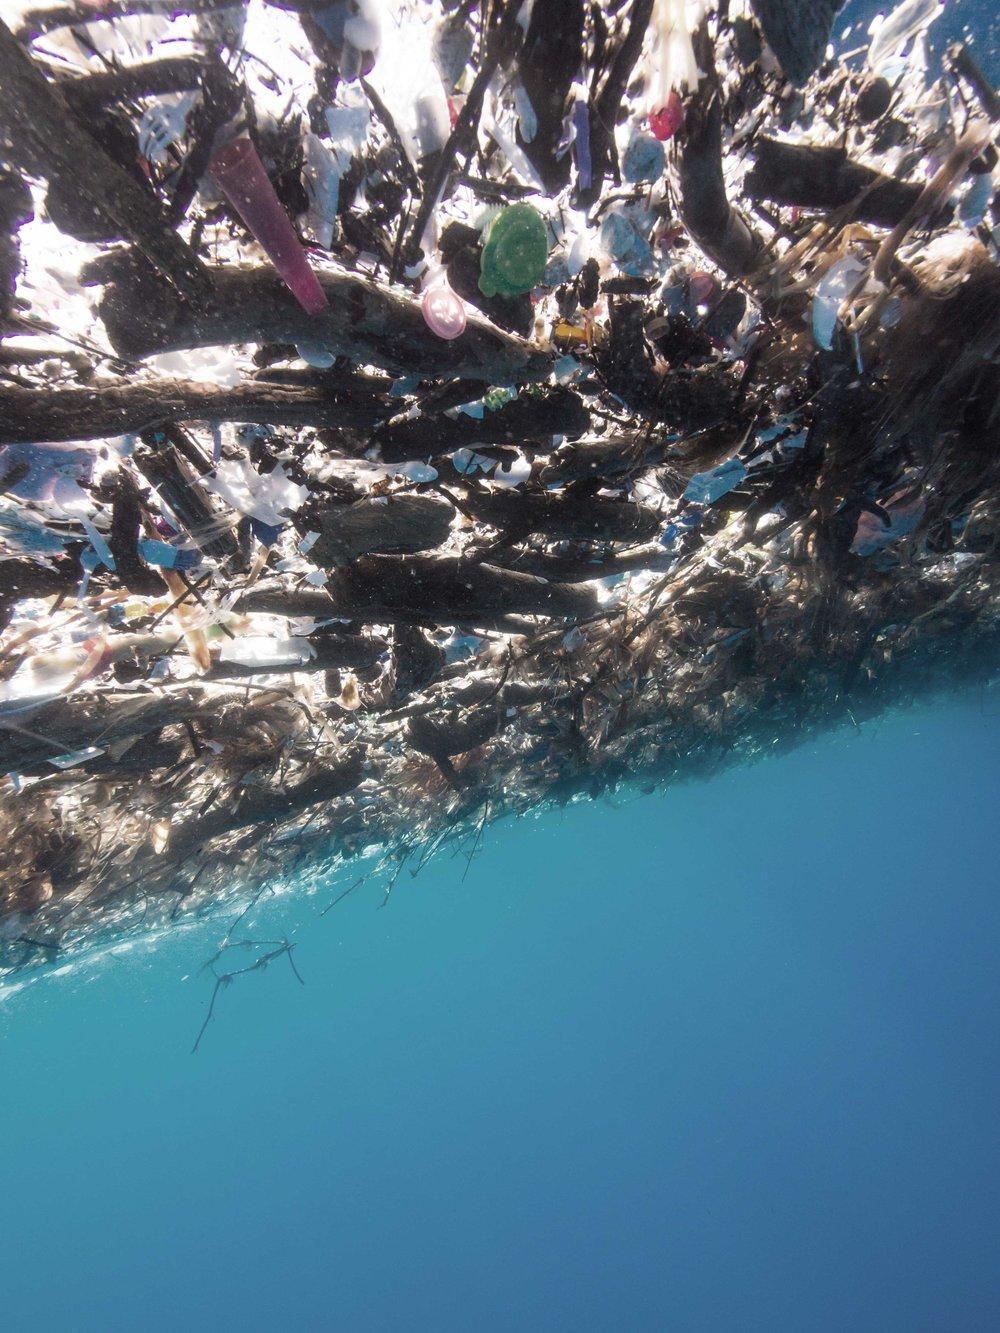 trash-mat-2.jpg